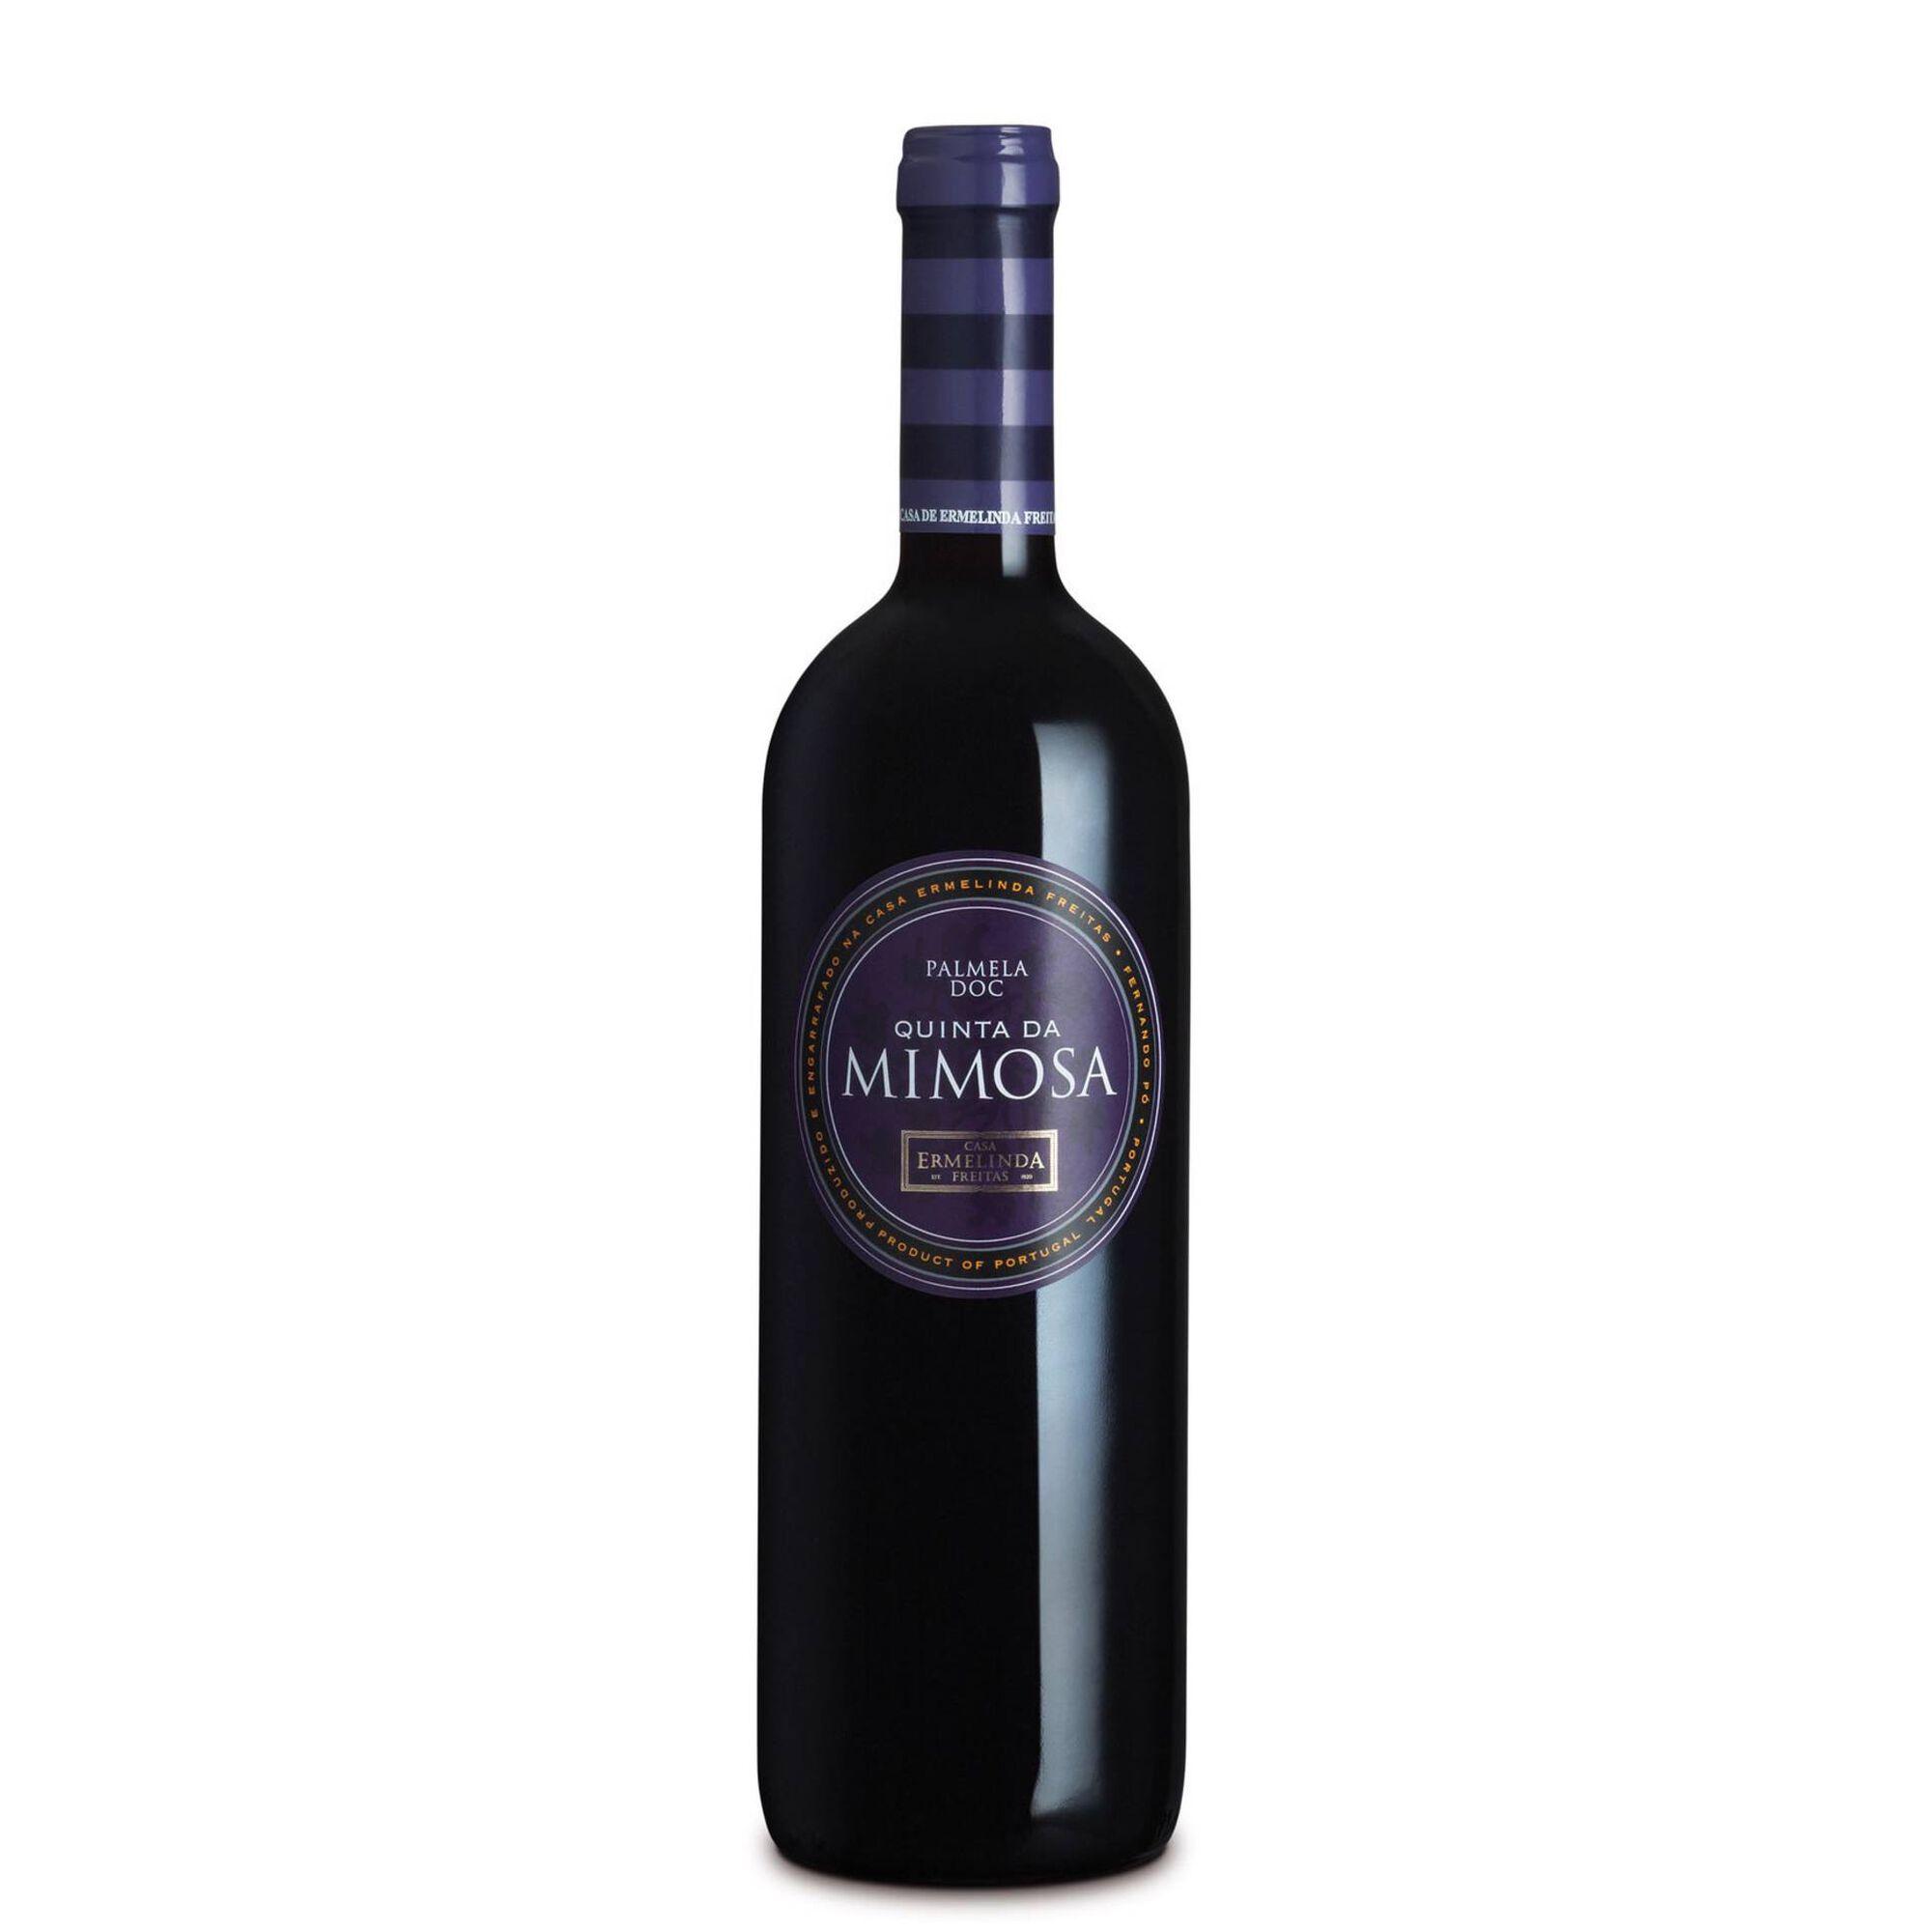 Quinta da Mimosa Regional Península de Setúbal Vinho Tinto